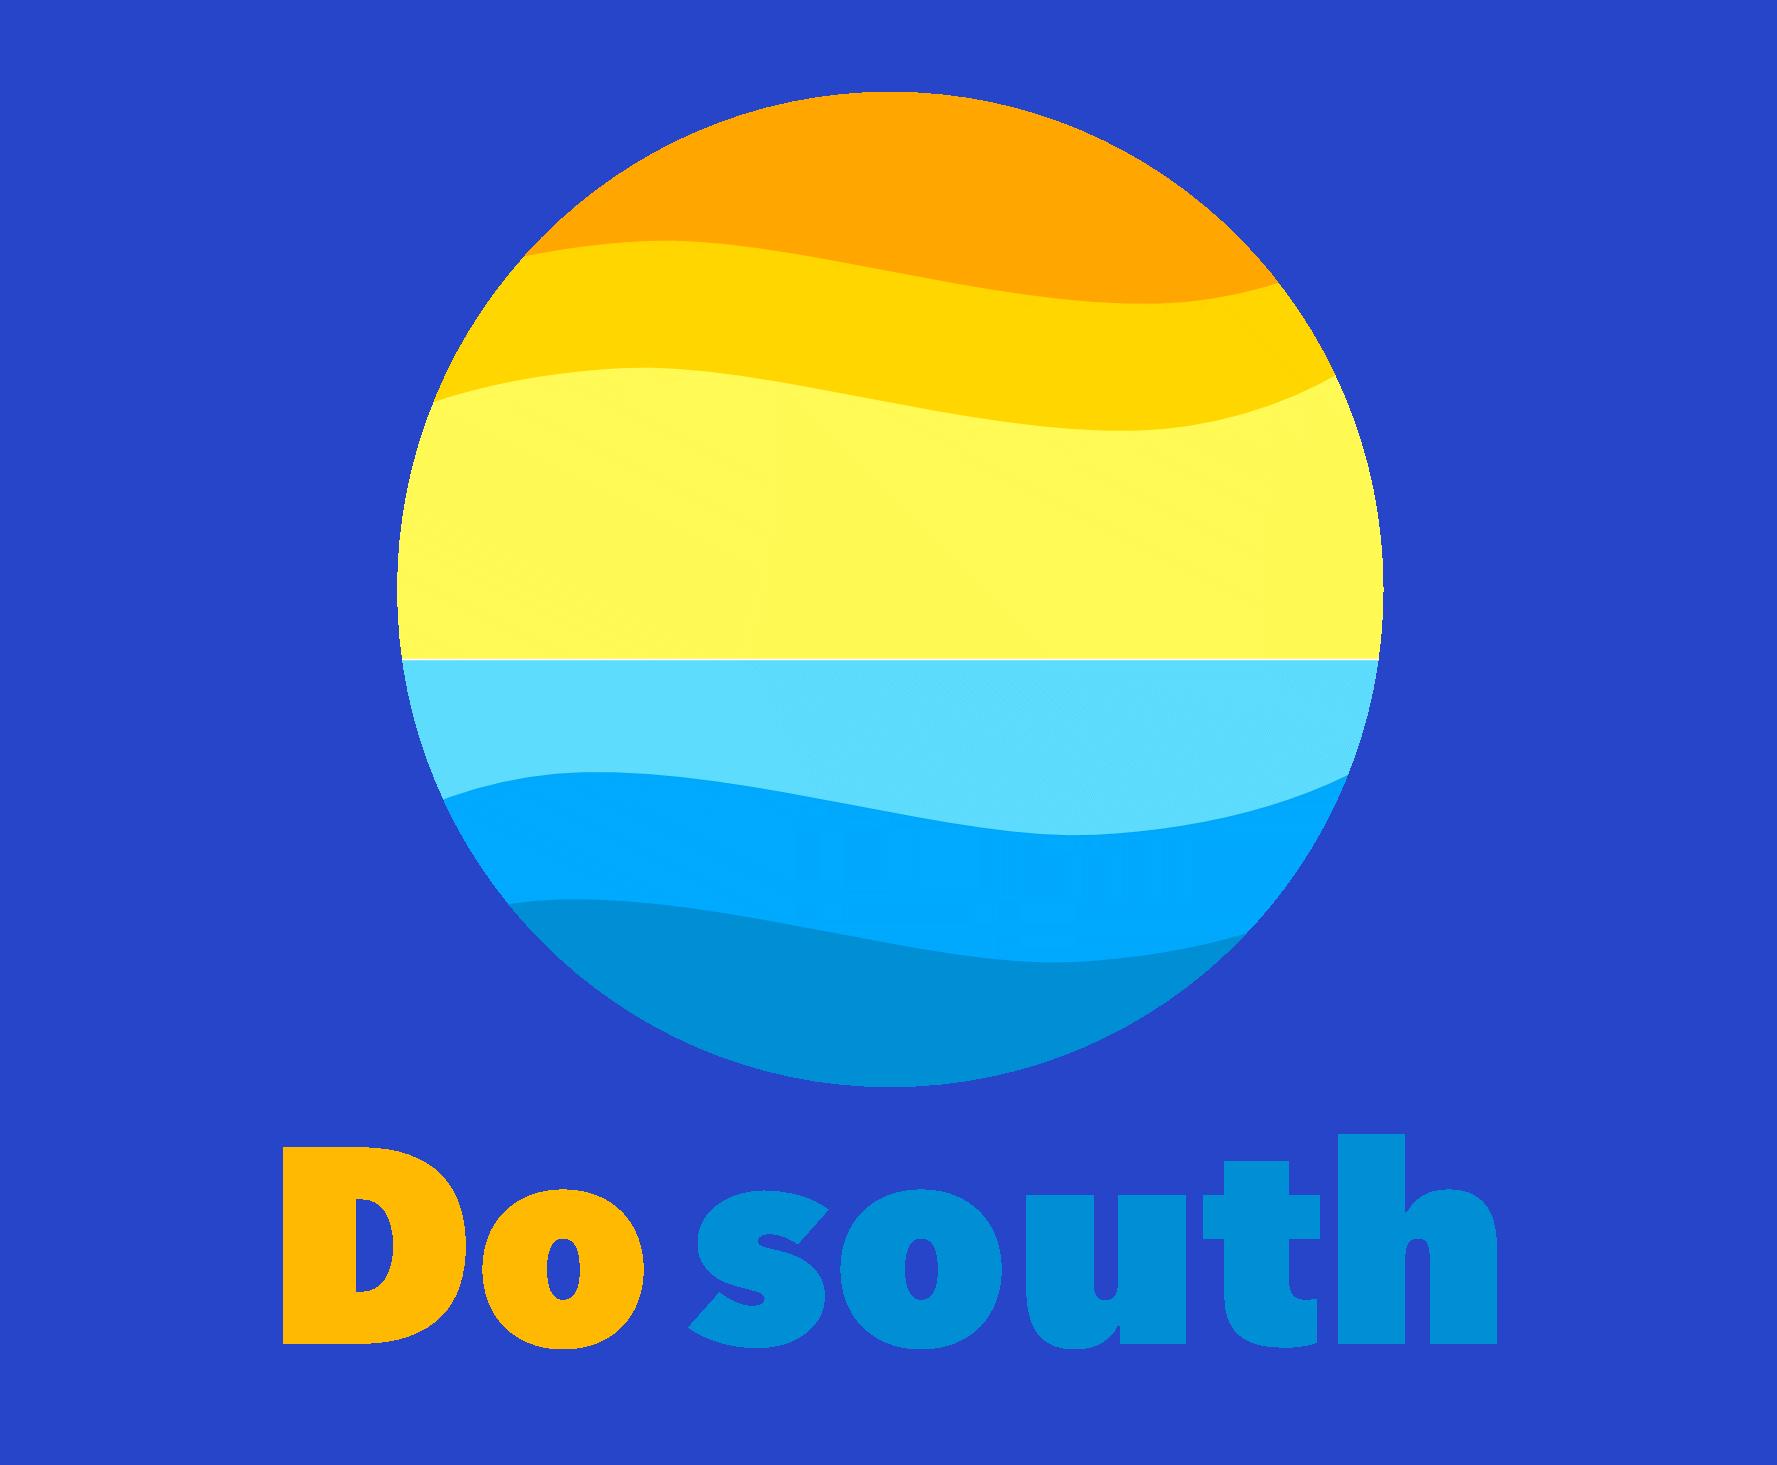 Do South